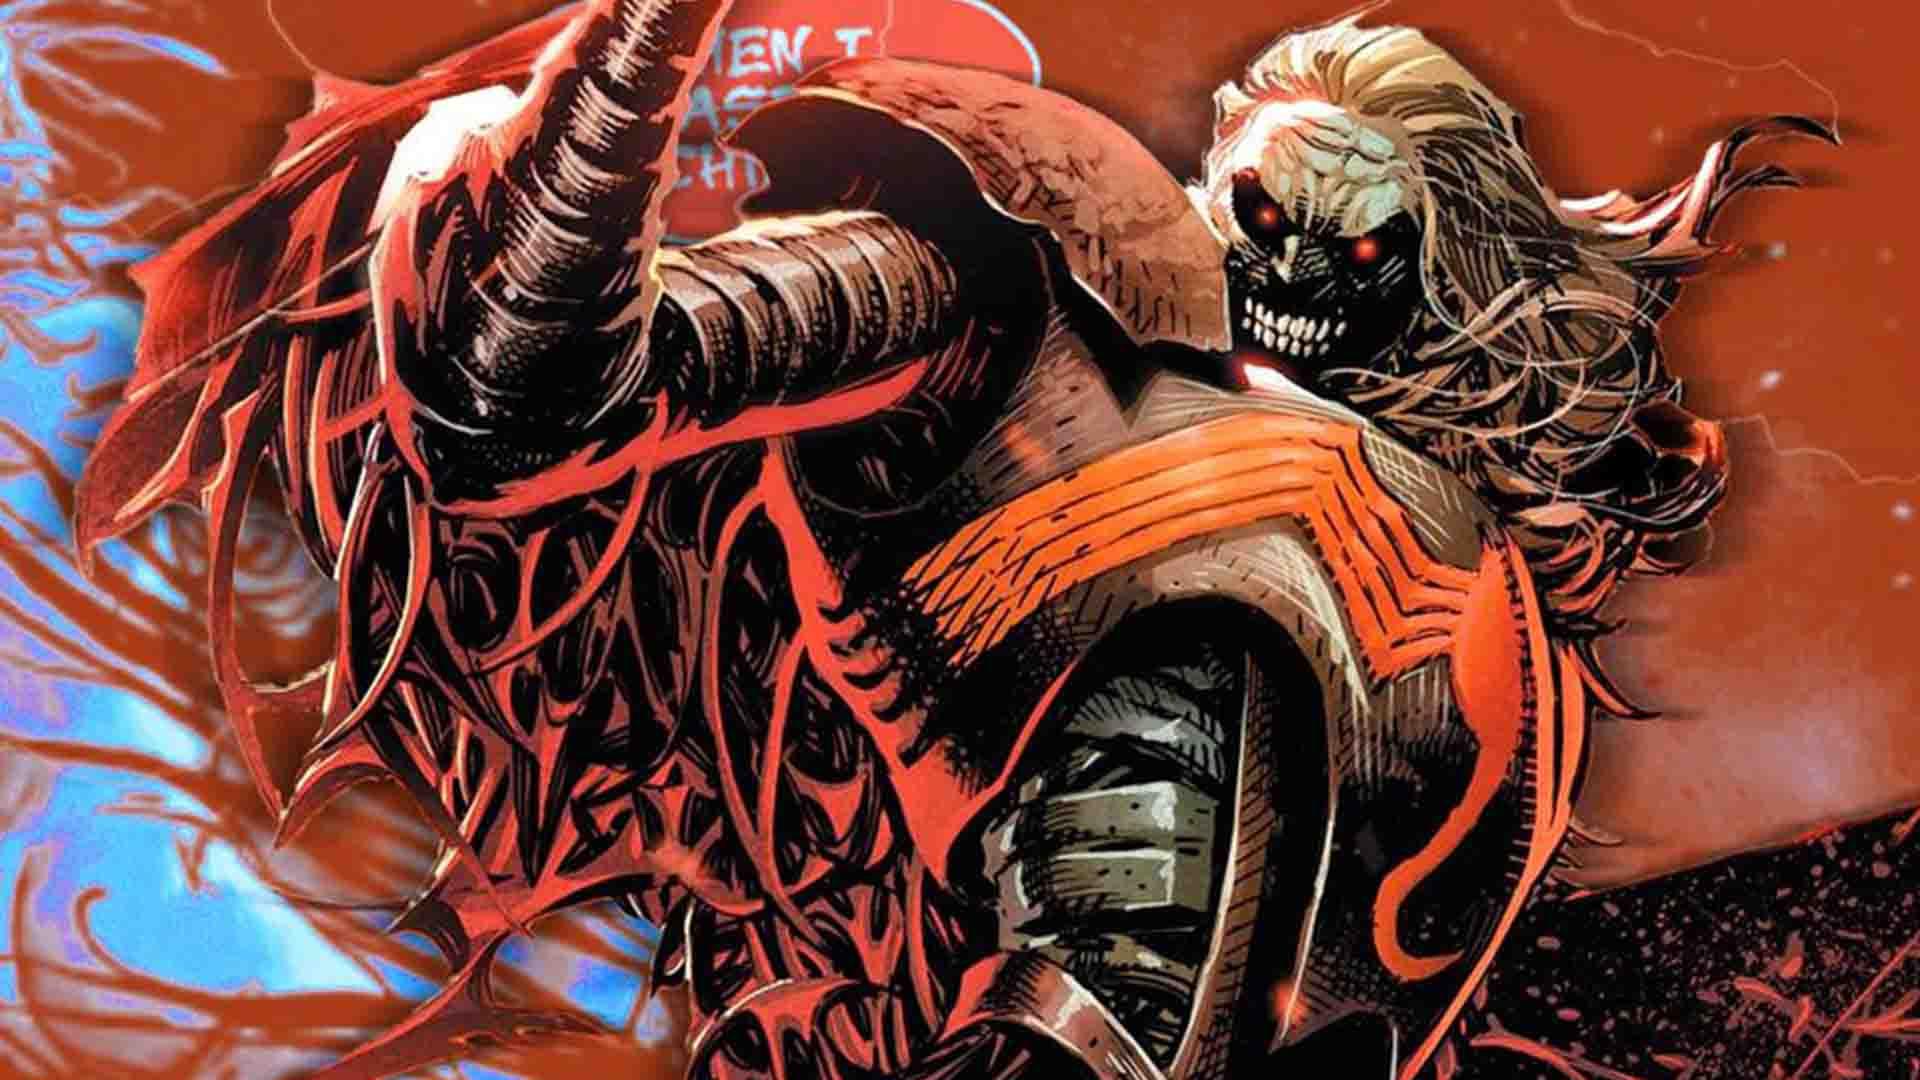 قسمت جدید مجموعه کمیک Venom نقطه ضعف بزرگ نال را مشخص کرد